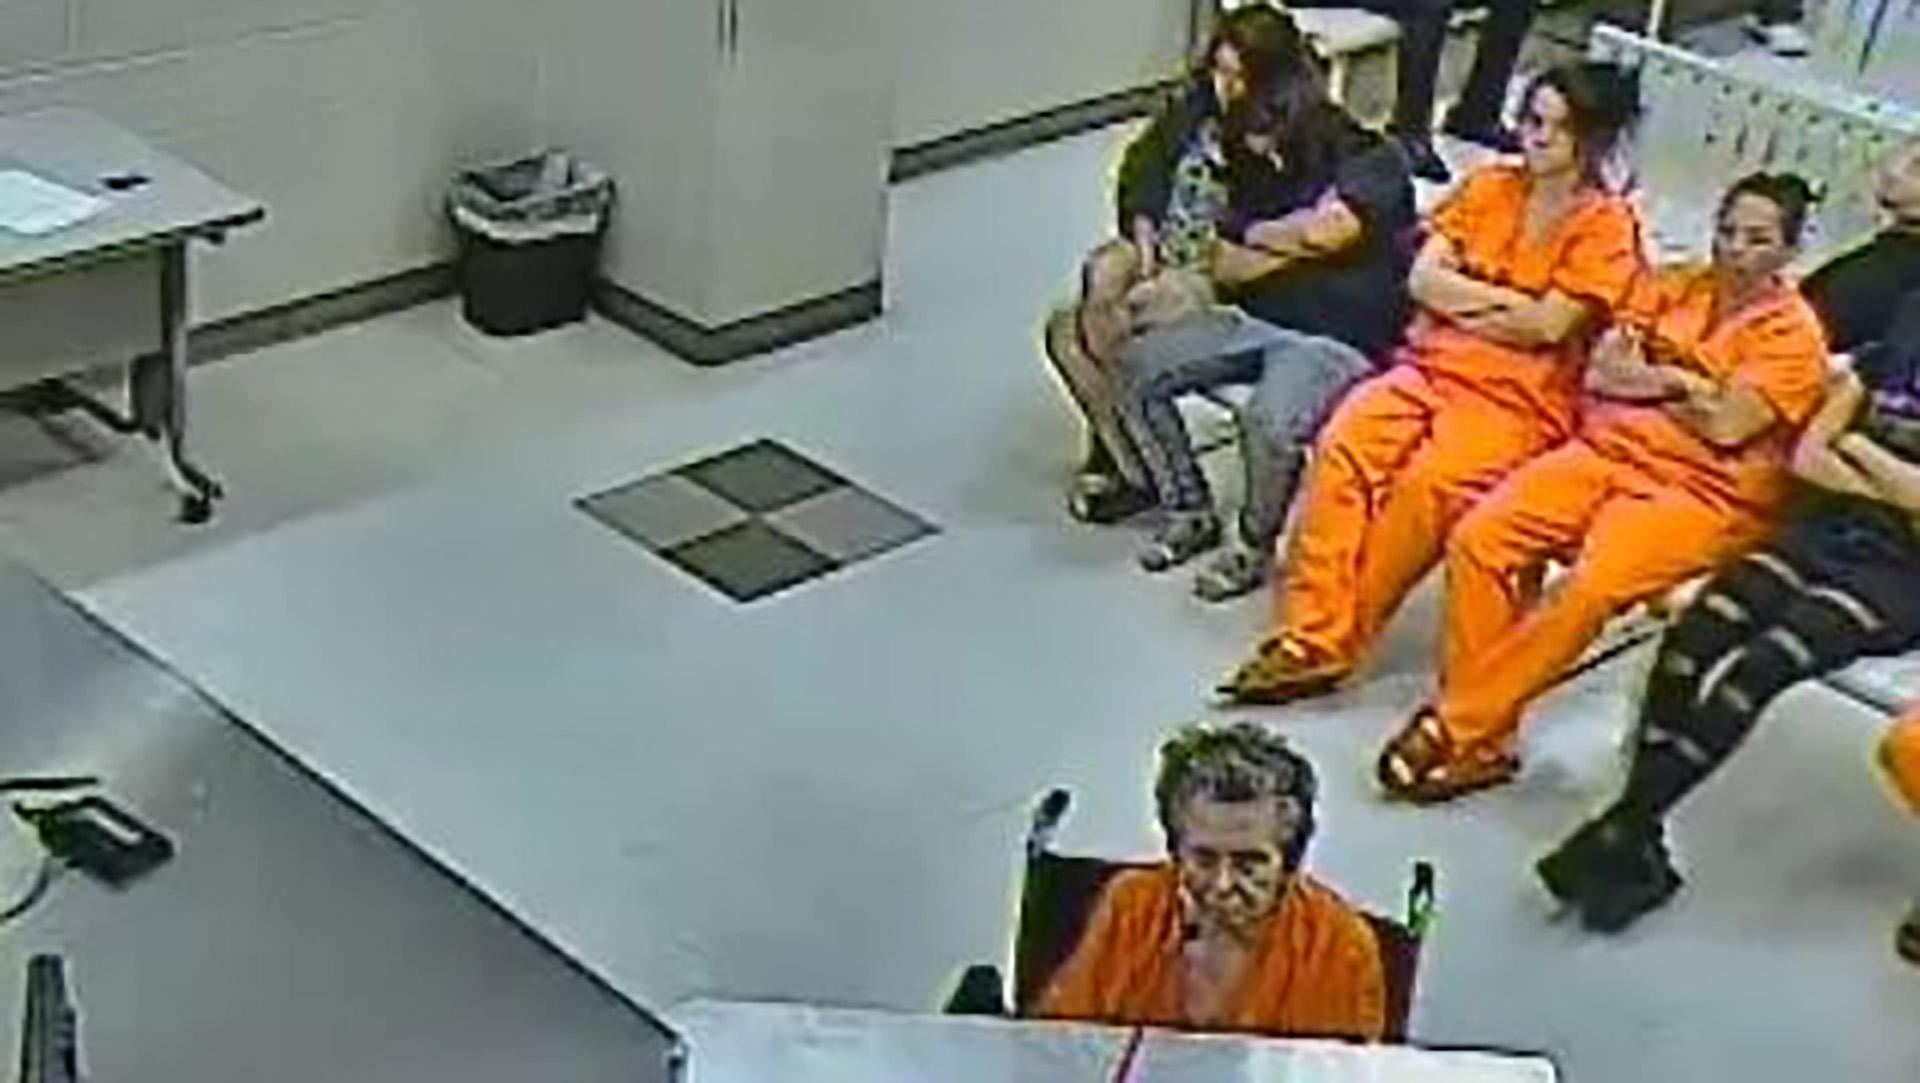 El juez le impuso una fianza de 500.000 dólares